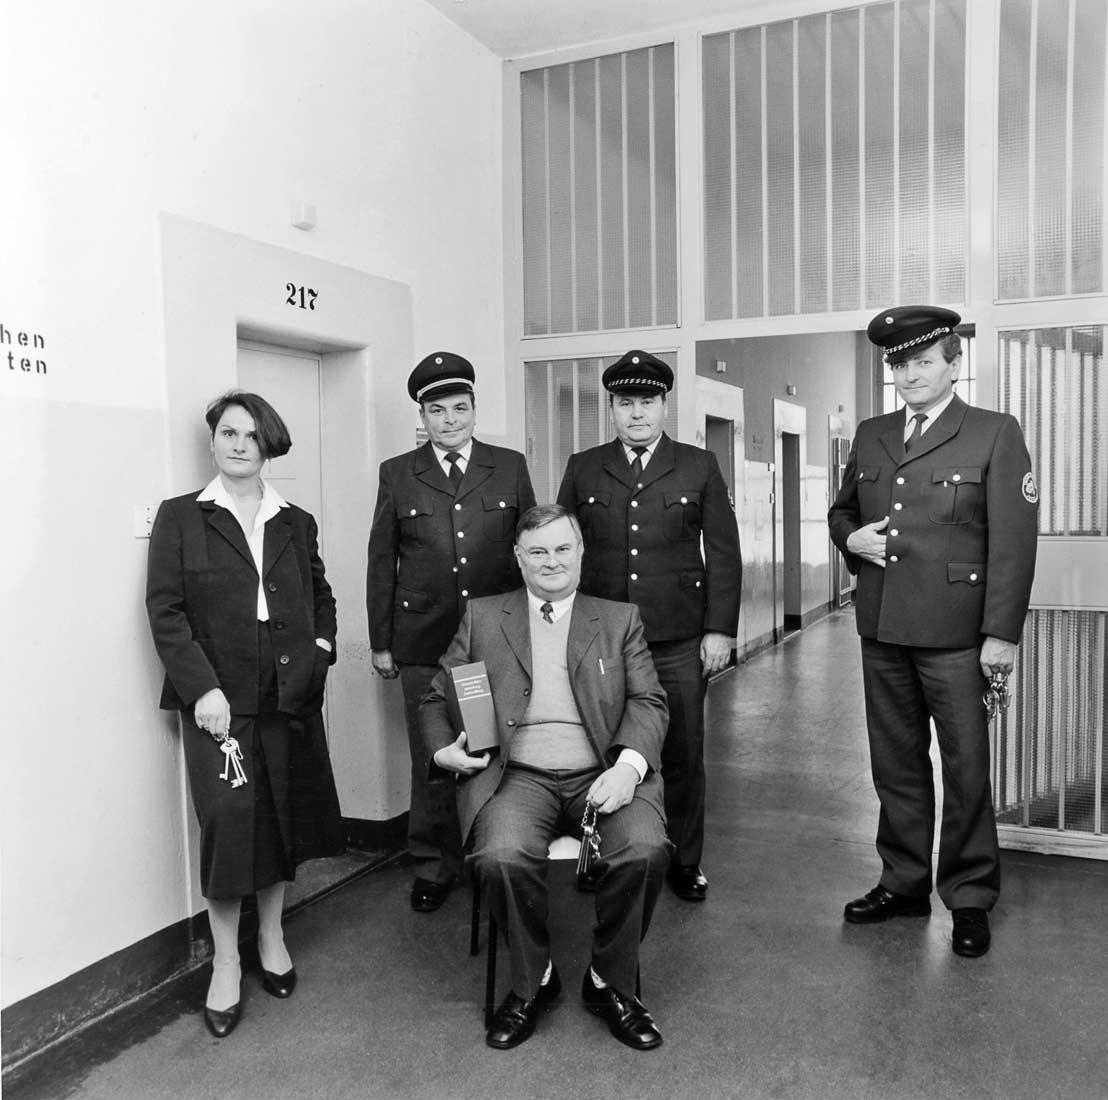 Leiter der Justizvollzugsanstalt mit Vollzugsbeamten - Regensburg 1986